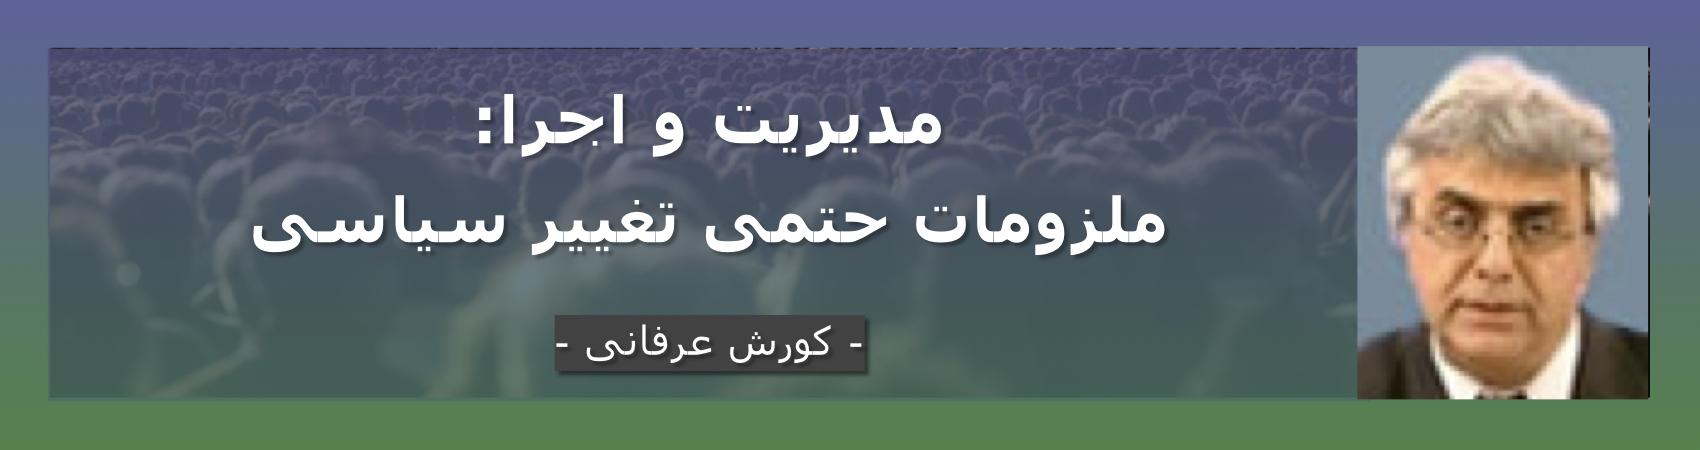 مدیریت و اجرا: ملزومات حتمی تغییر سیاسی – کورش عرفانی